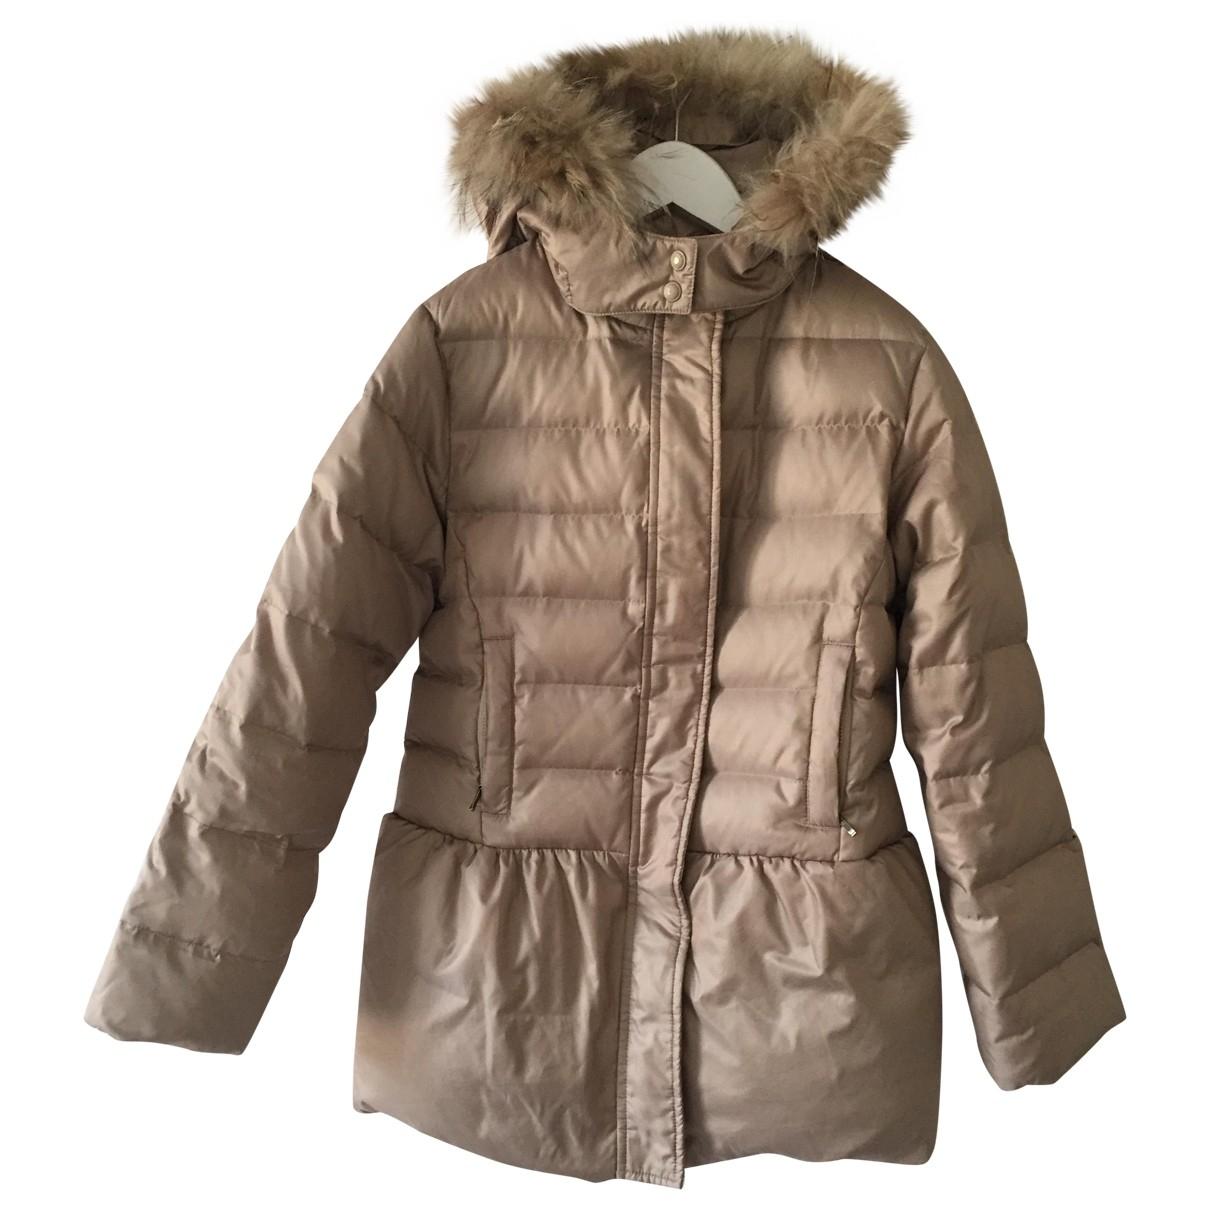 Jacadi \N Beige jacket & coat for Kids 12 years - XS FR